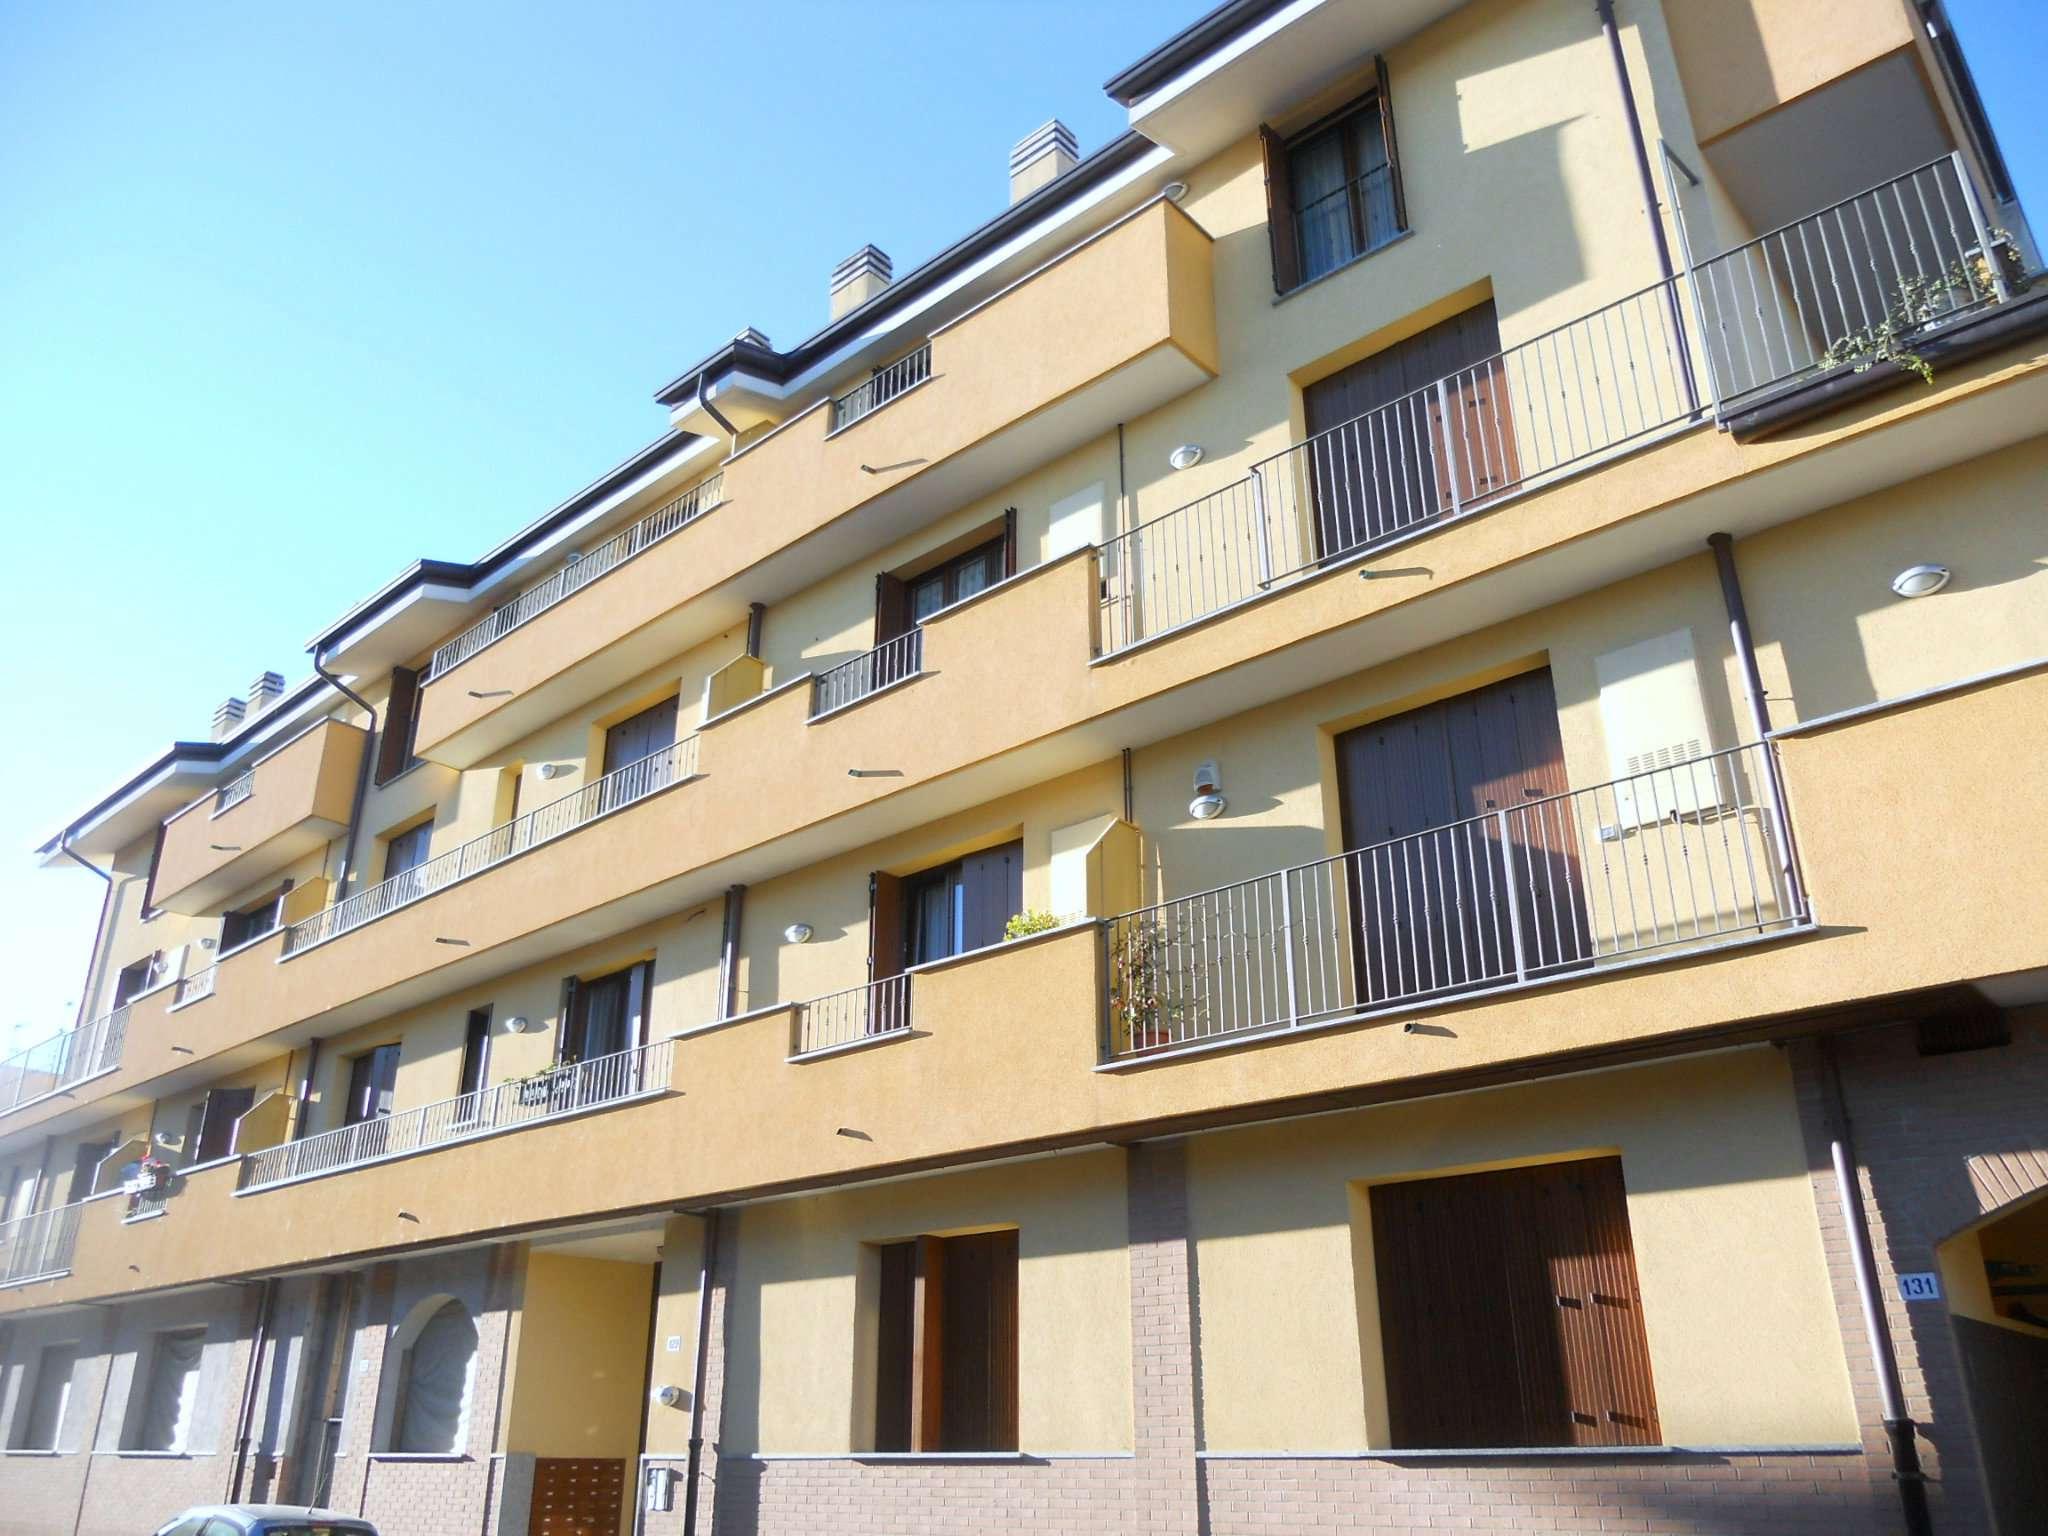 Attico / Mansarda in vendita a Lissone, 3 locali, prezzo € 290.000 | PortaleAgenzieImmobiliari.it